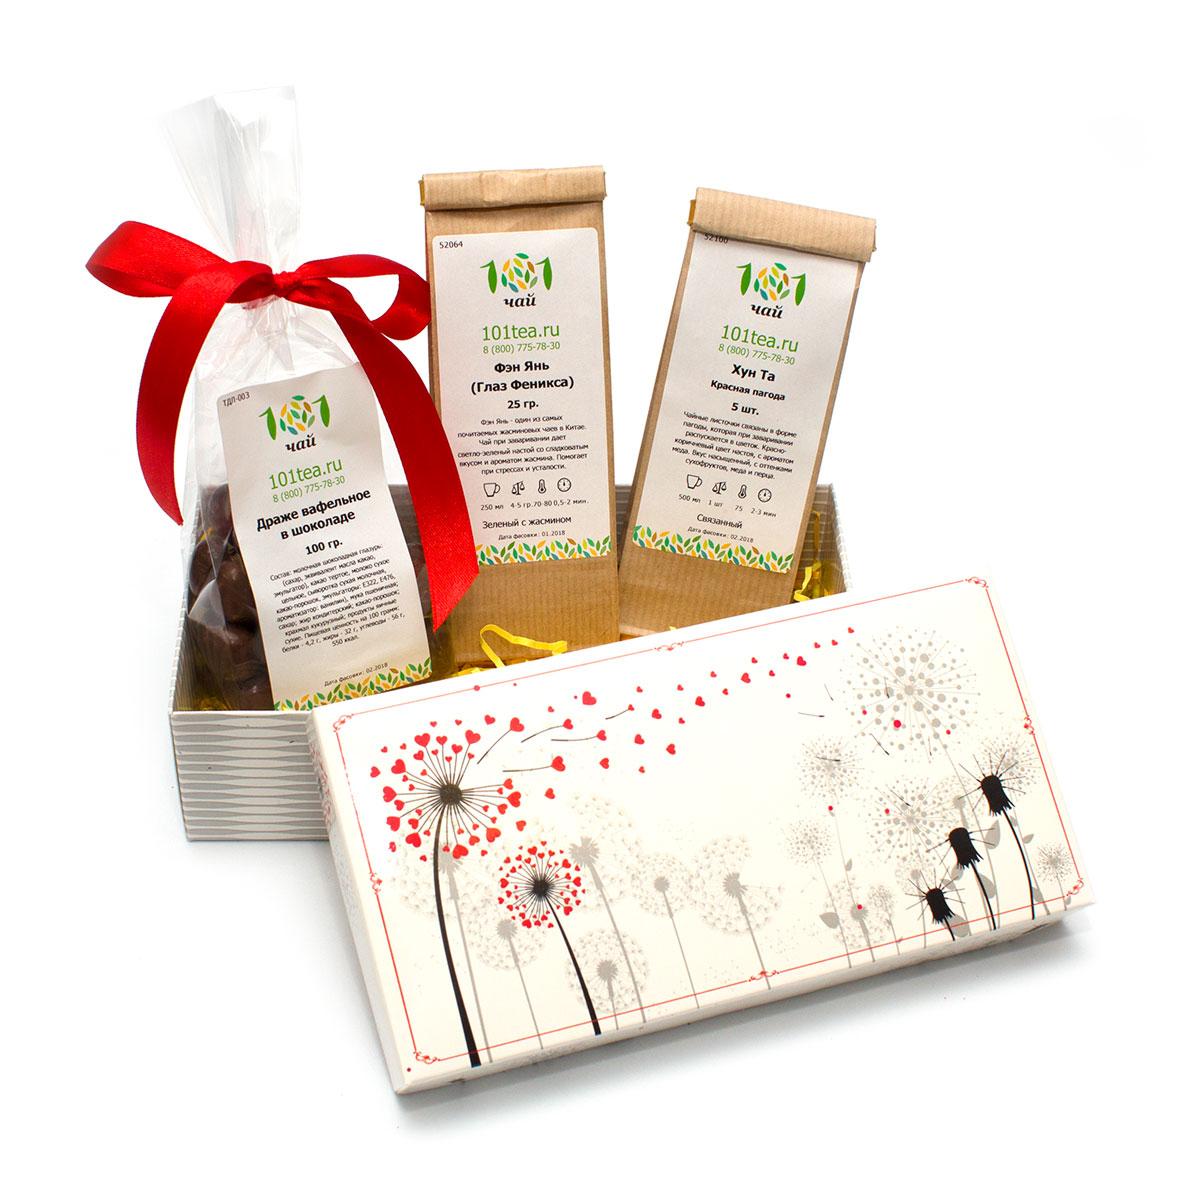 Подарочный набор чая Птица счастьяПодарки женщинам<br>В набор входит:<br><br>Связанный чай Хун Та (Красная пагода)<br>Белый жасминовый чай Фэн Янь (Глаз феникса)<br><br>Драже вафельное в шоколаде<br>